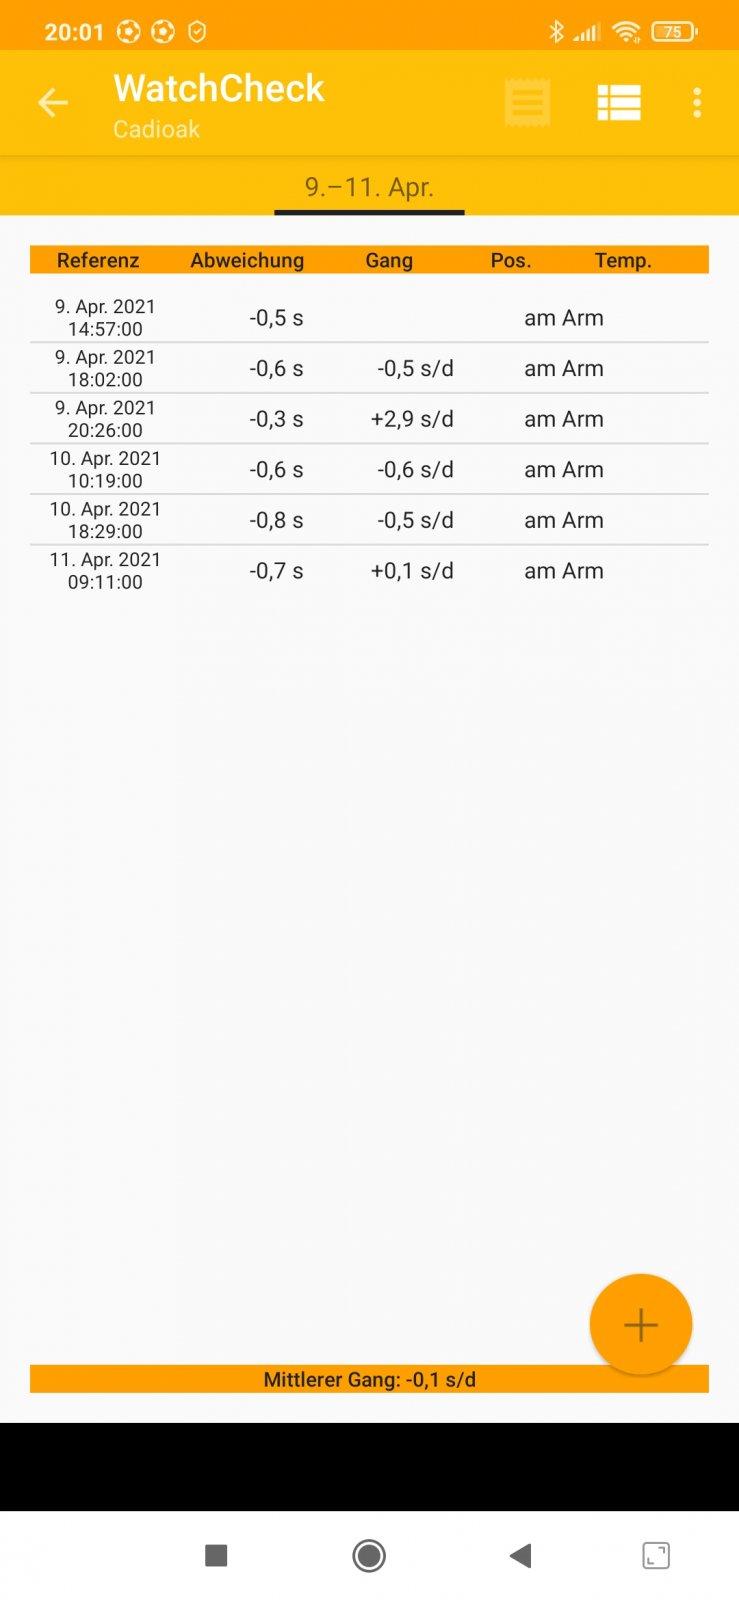 Screenshot_2021-04-11-20-01-22-079_de.uhrenbastler.watchcheck.jpg